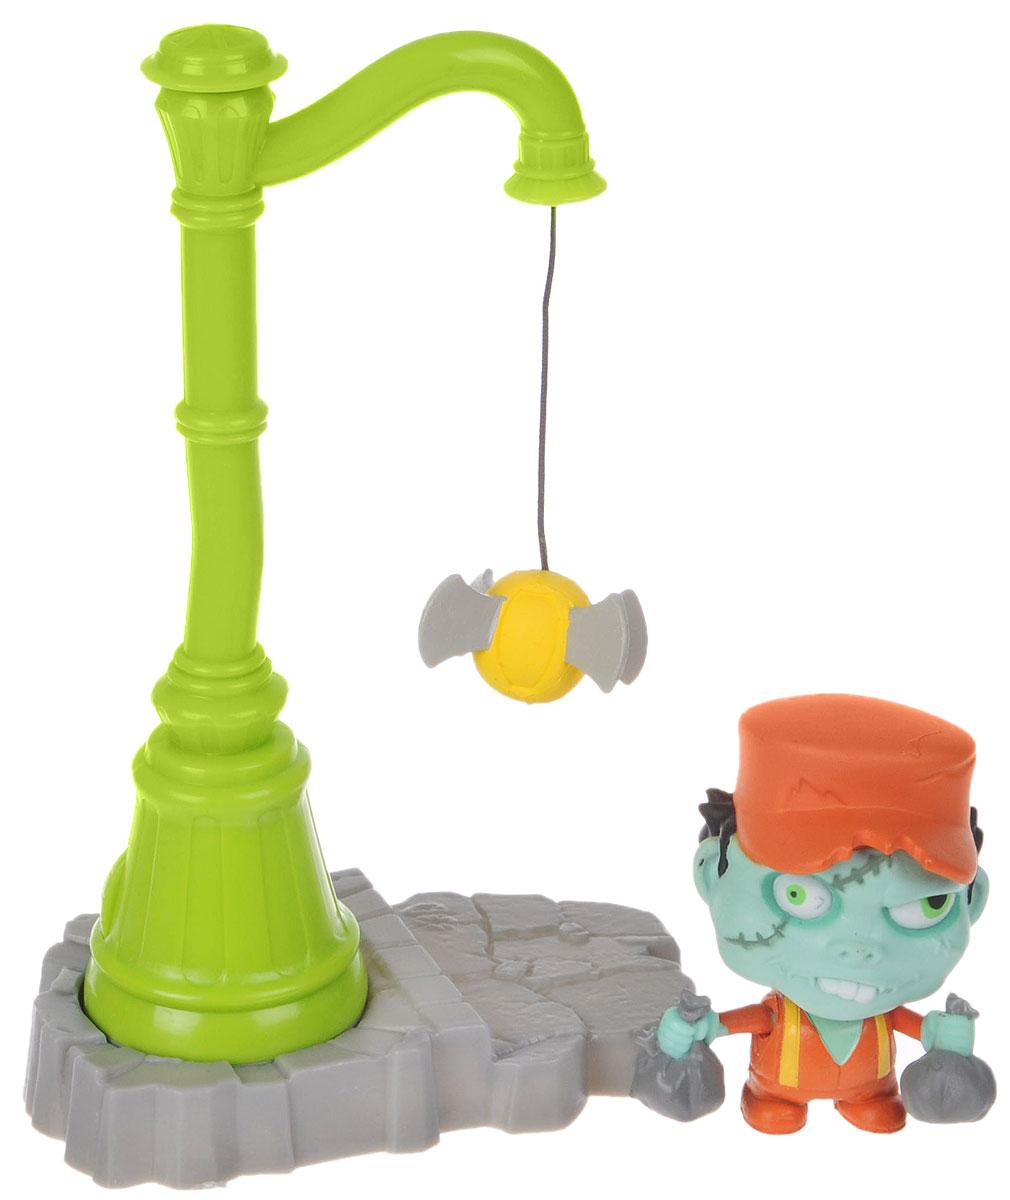 Фото Zombie Zity Набор фигурок Ловушка для зомби Скид Смеллсом и фонарный столб. Купить  в РФ